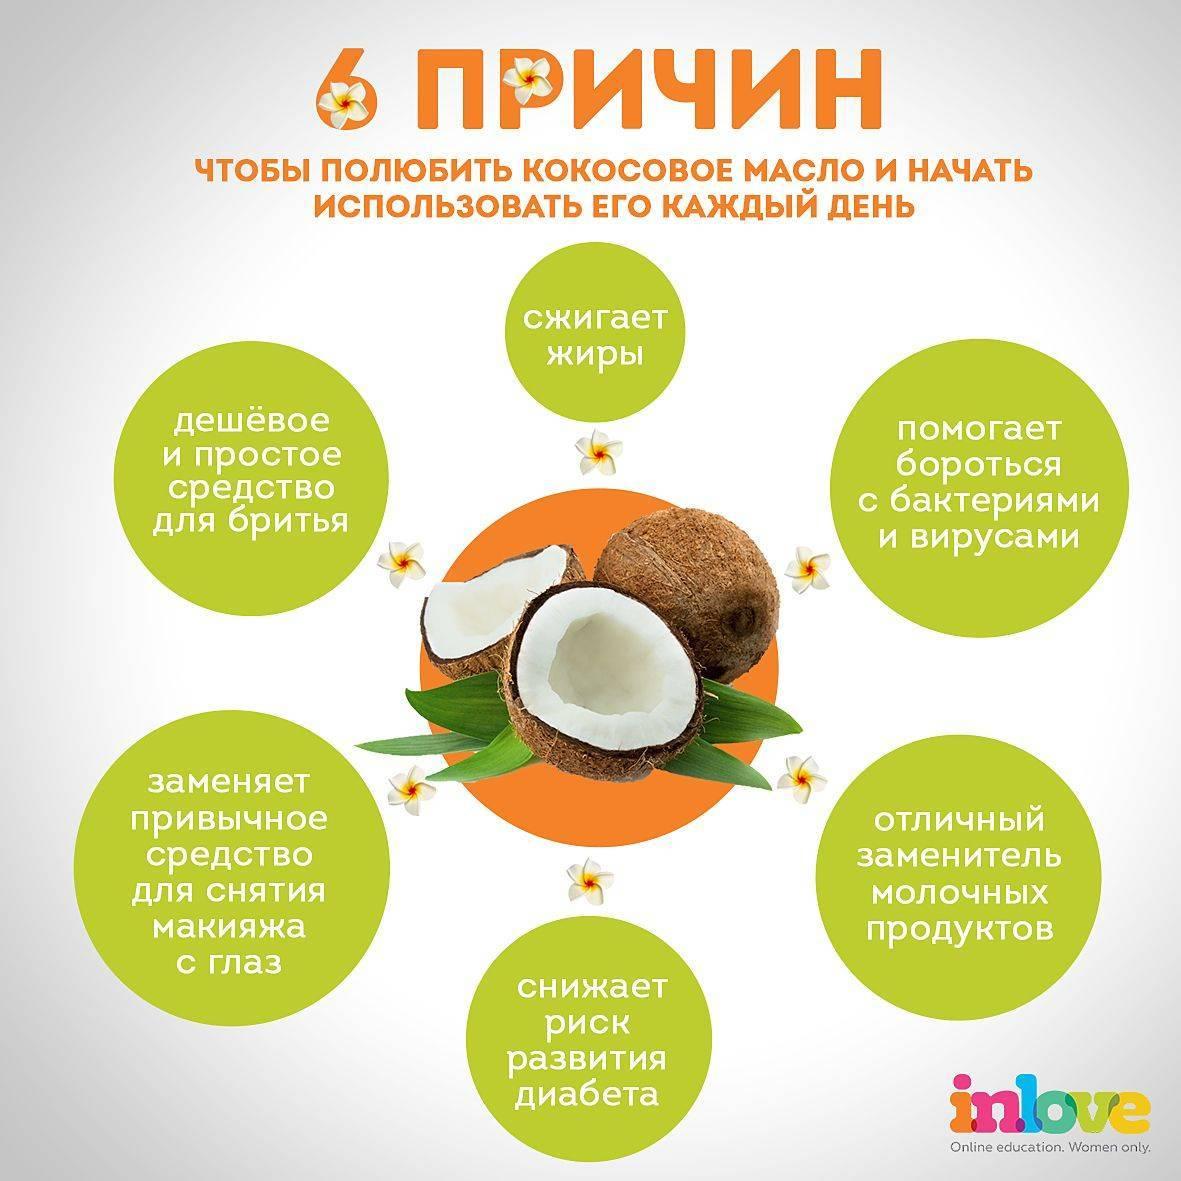 Кокос: калорийность, польза и вред, полезные свойства